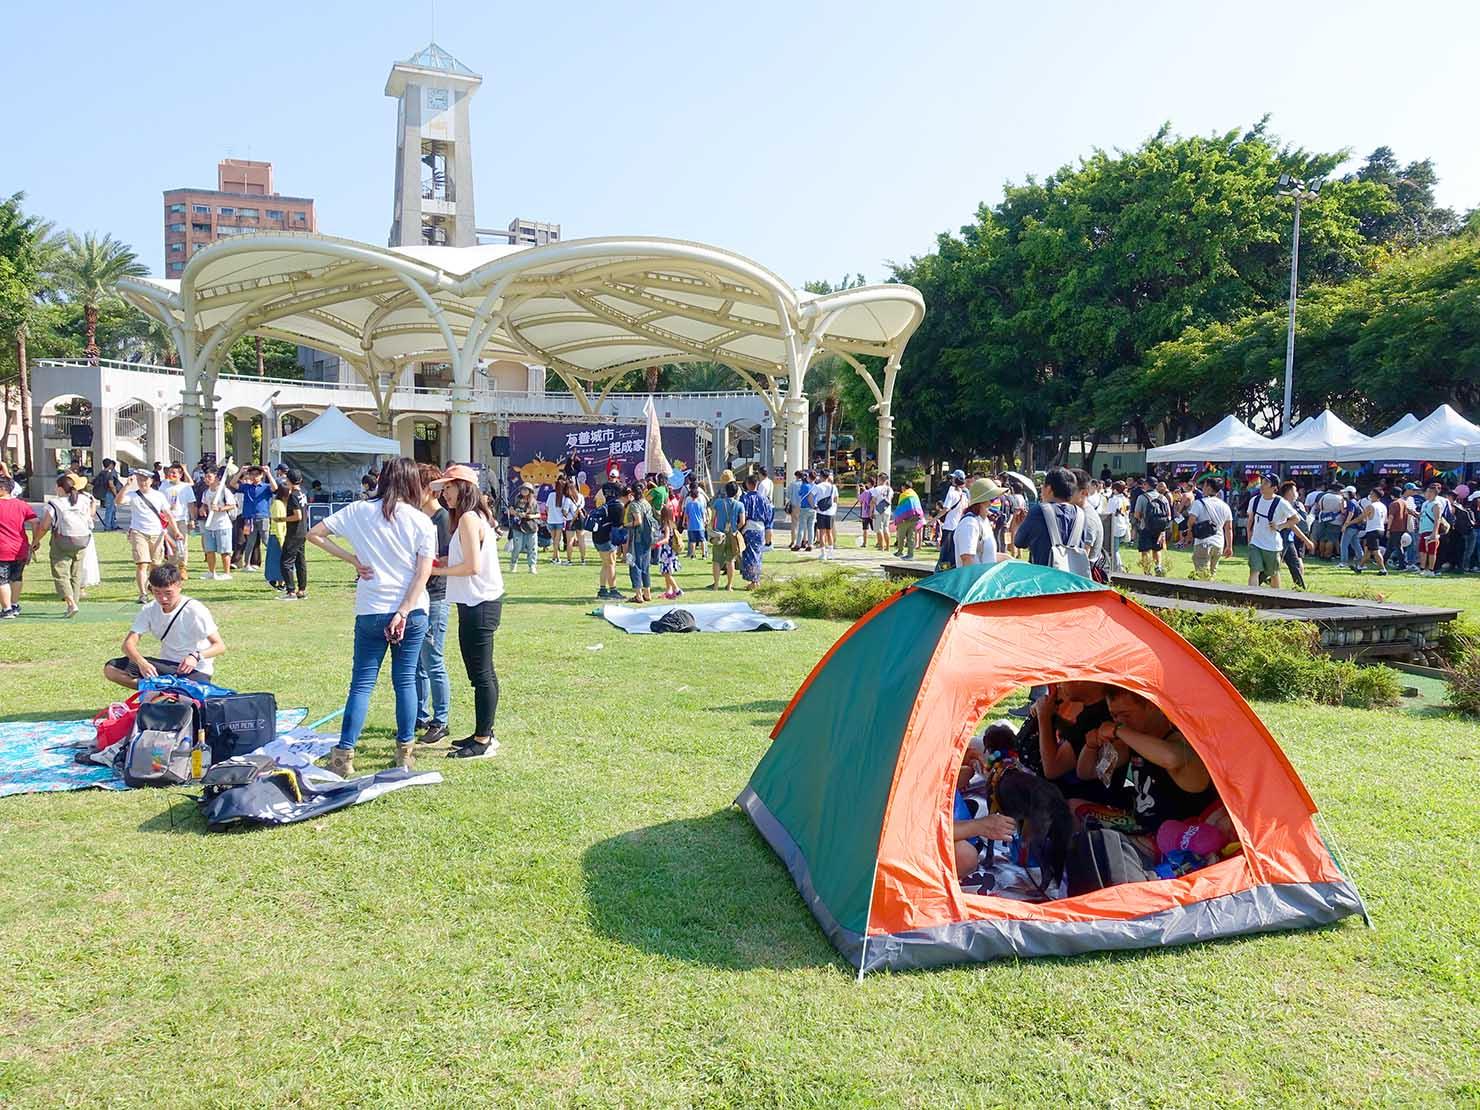 台湾・桃園のLGBTプライド「桃園彩虹野餐日」2020会場となった朝陽森林公園